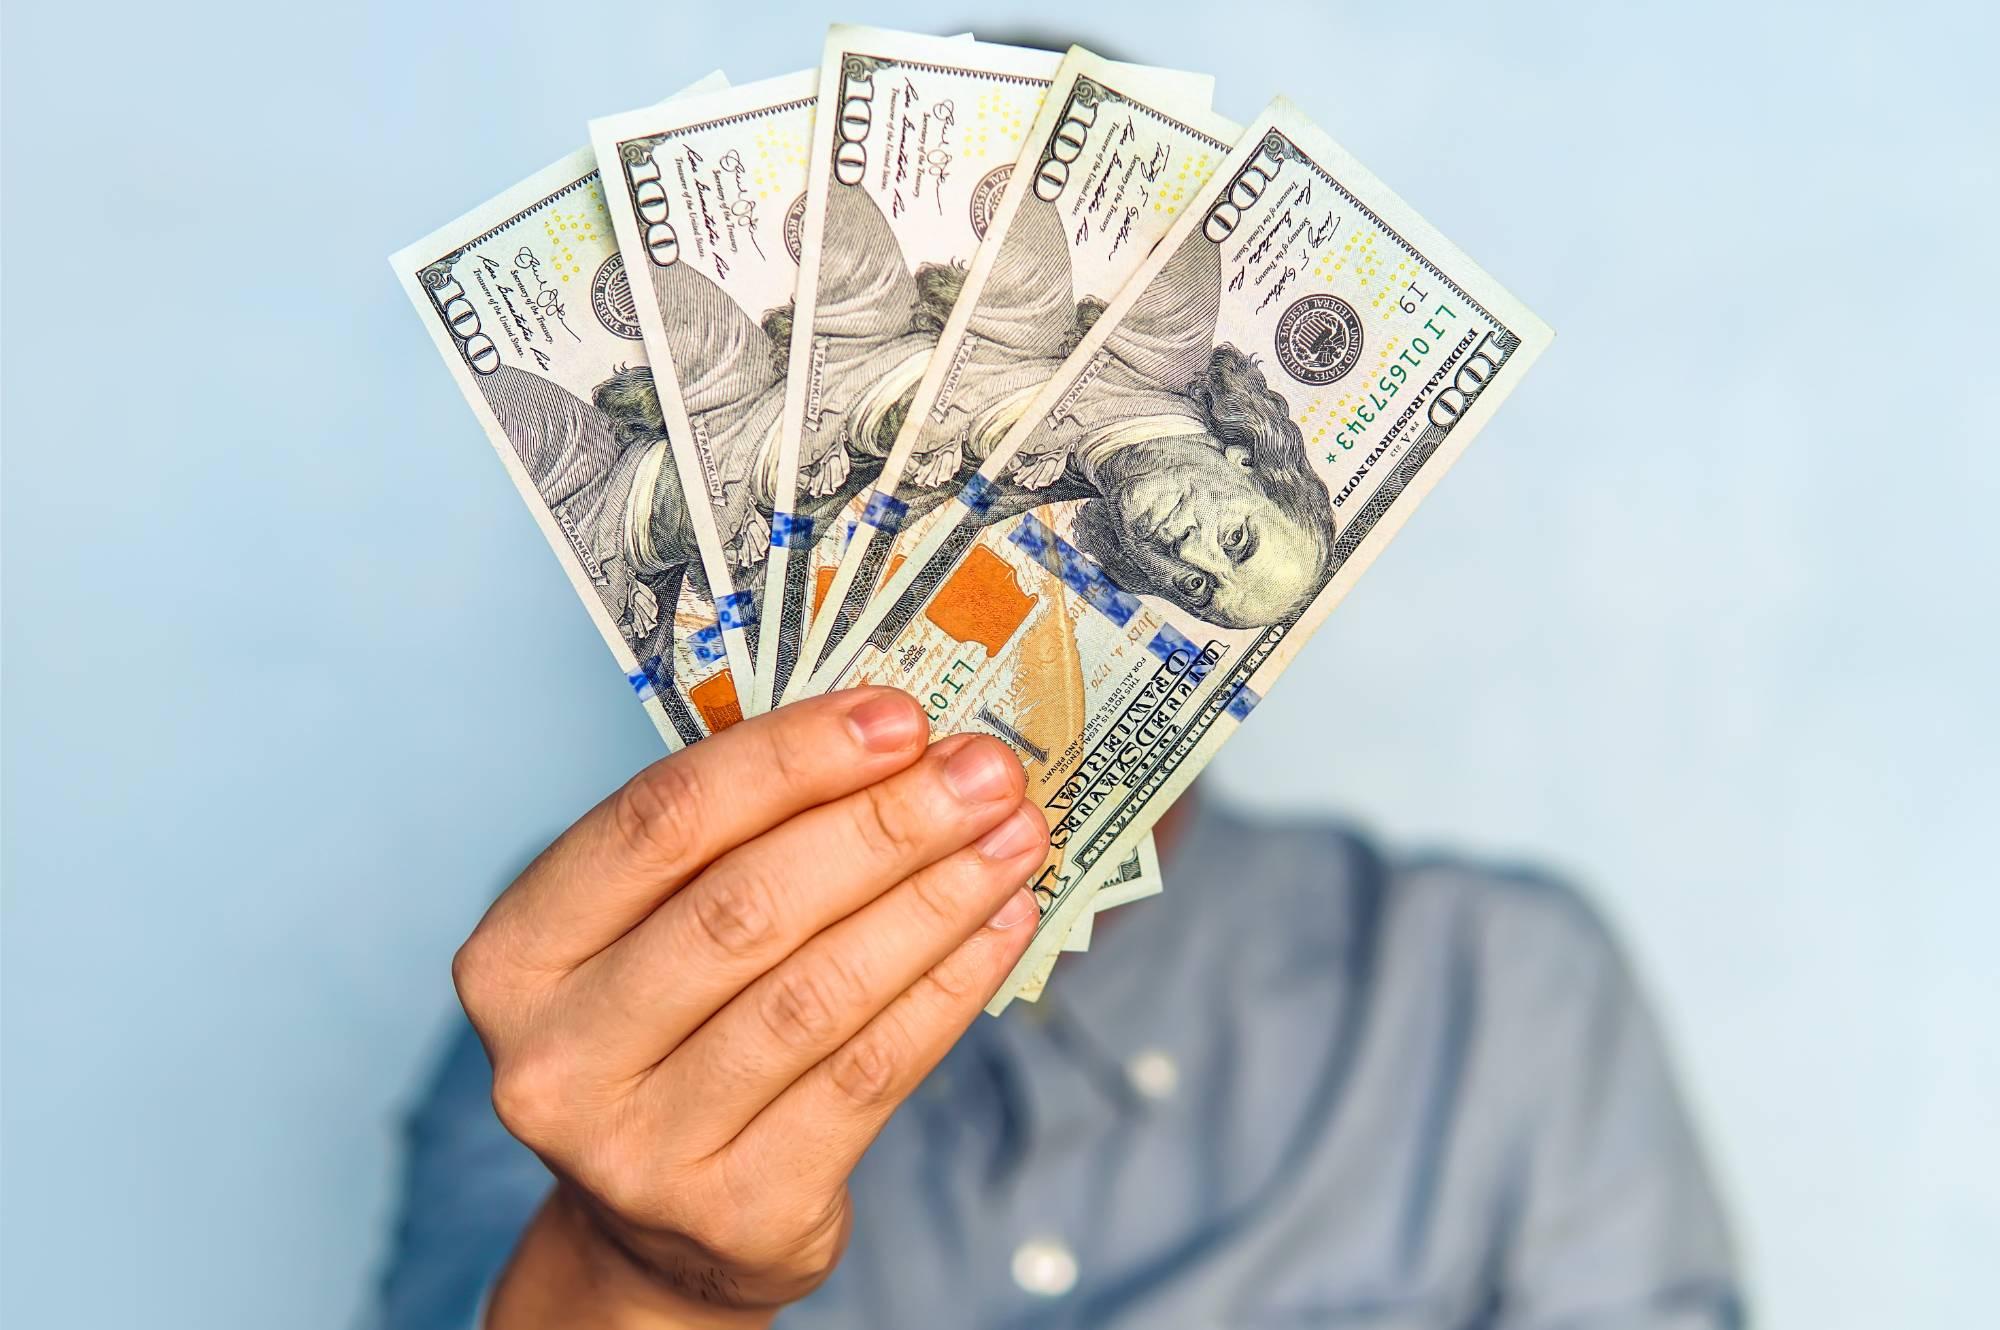 Валютный риск: Опасно ли хранить сбережения в долларах и как защитить свои деньги